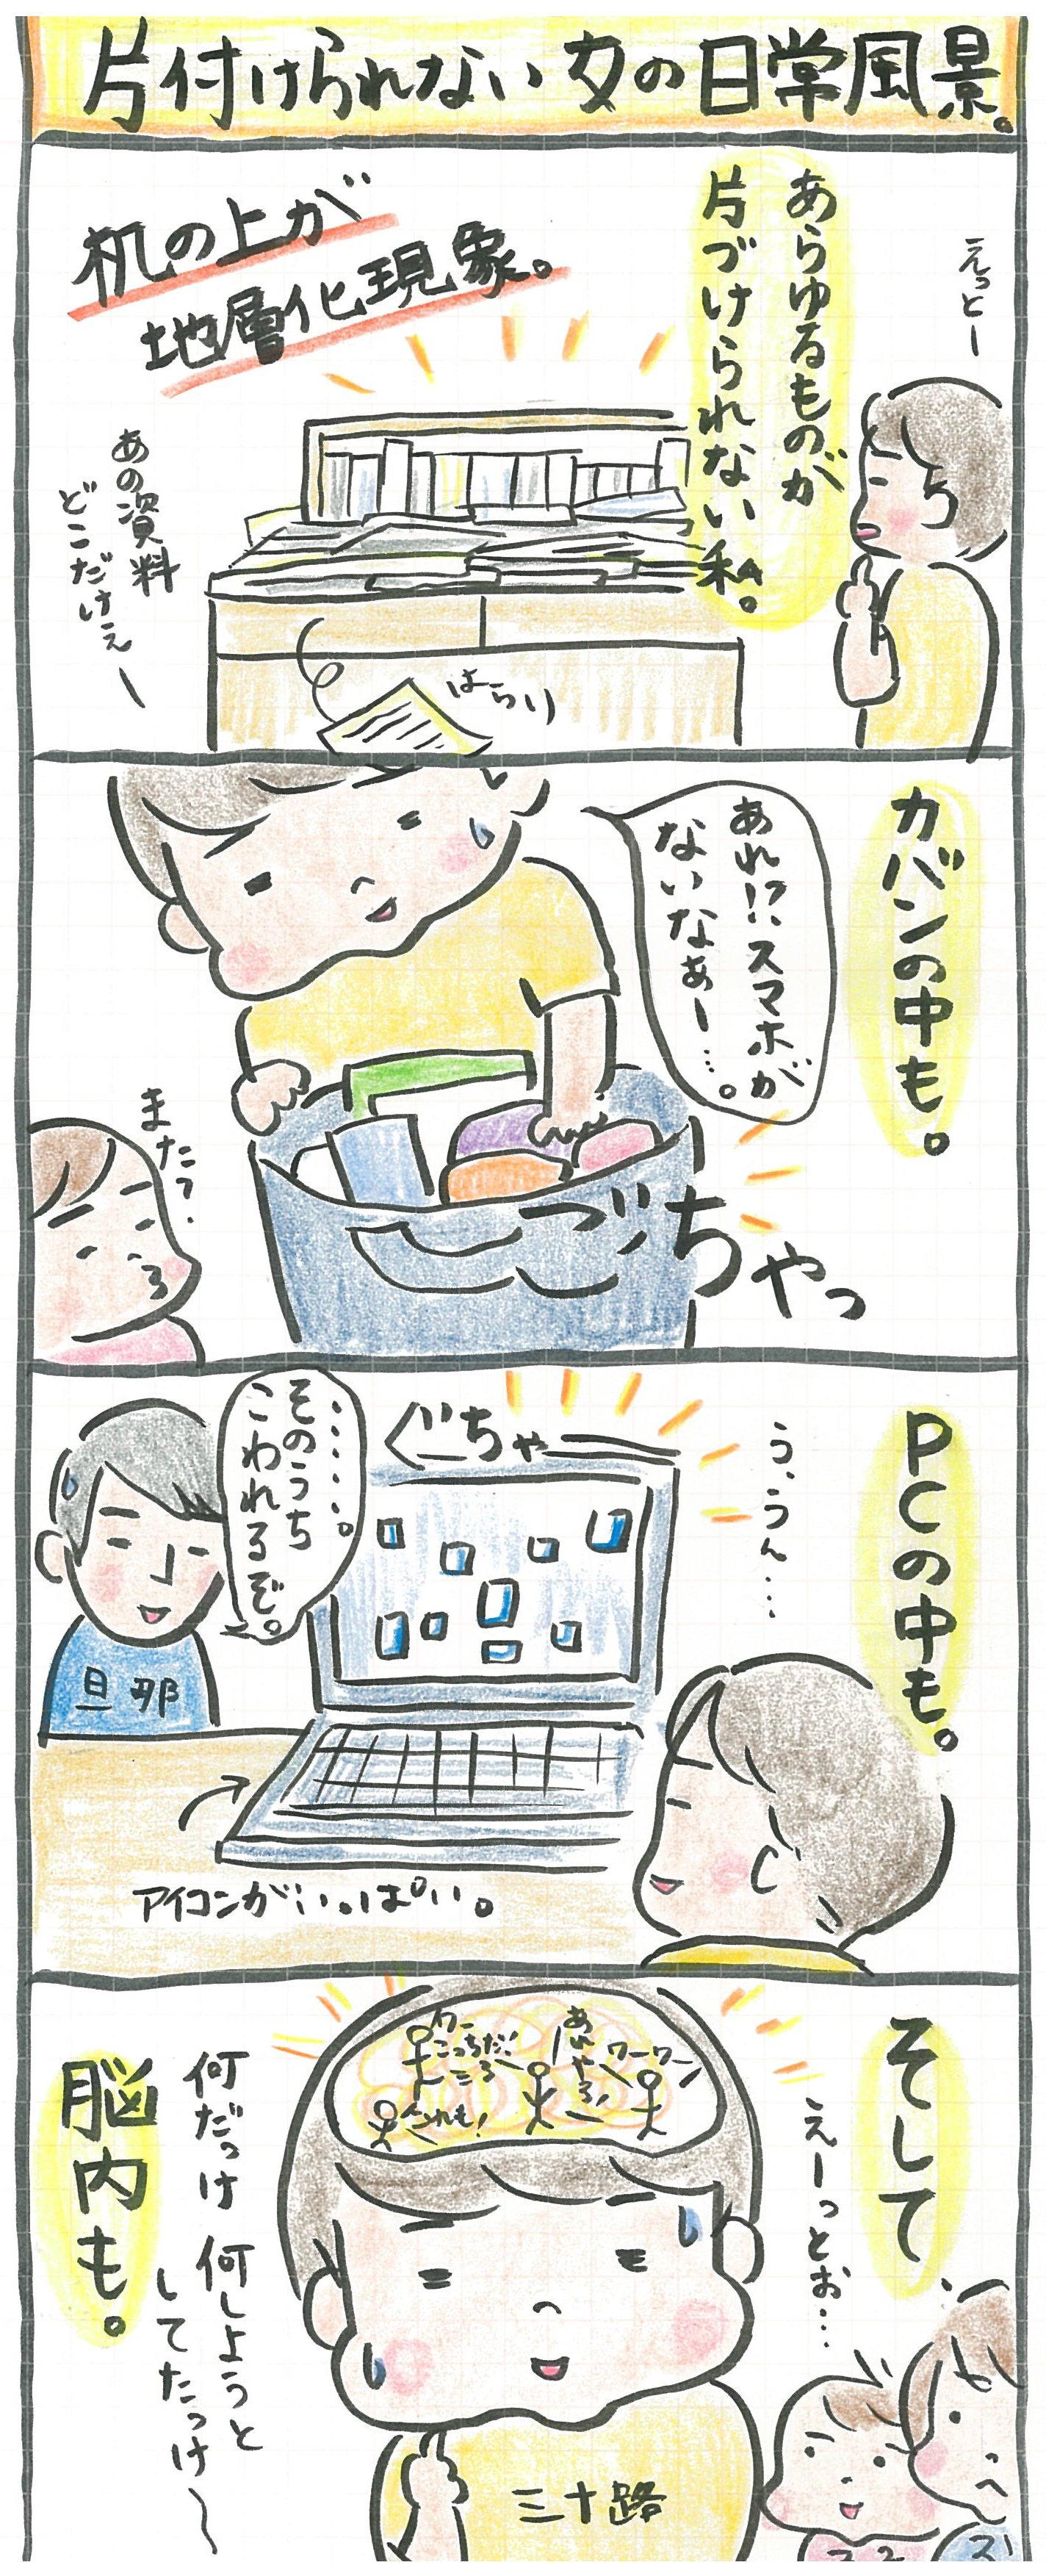 大人の発達障害ADHD雨野千晴漫画マンガ